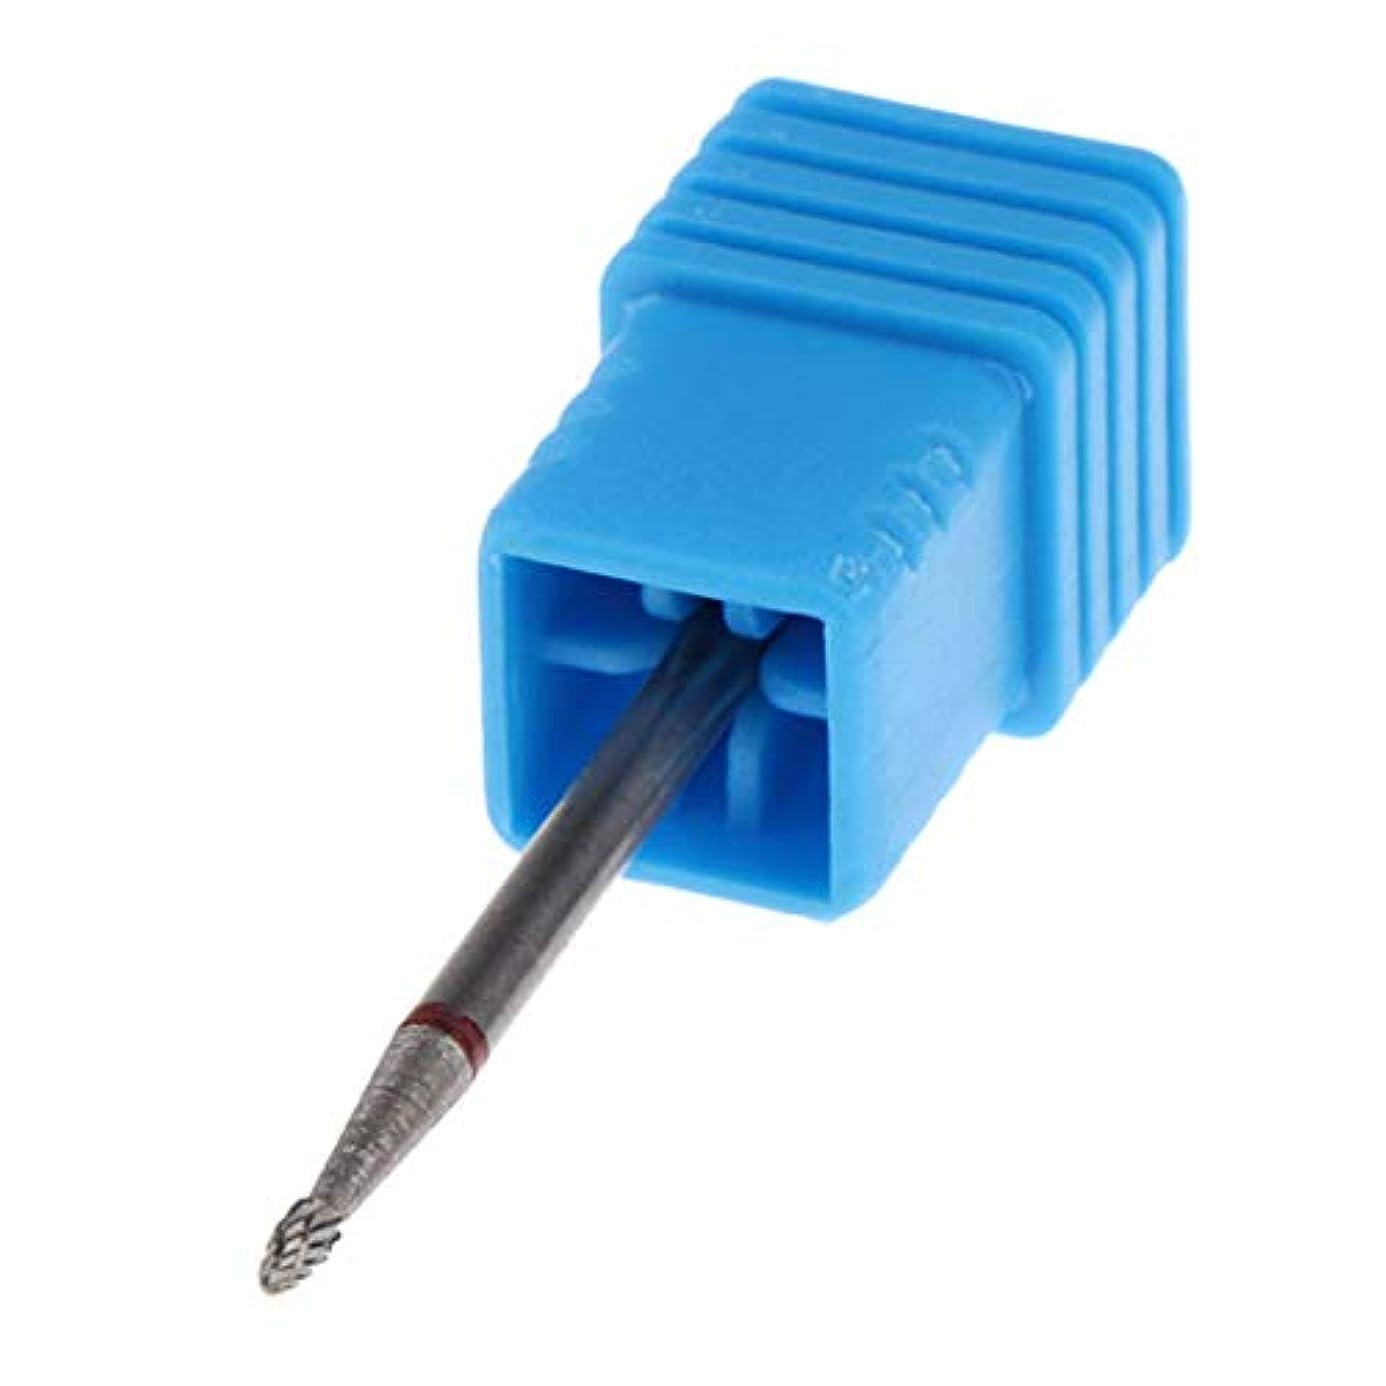 不足トン疎外するgazechimp 5サイズ選択 マニキュアツール ネイルドリルビット ネイル研削ビット研磨ヘッド - No.01